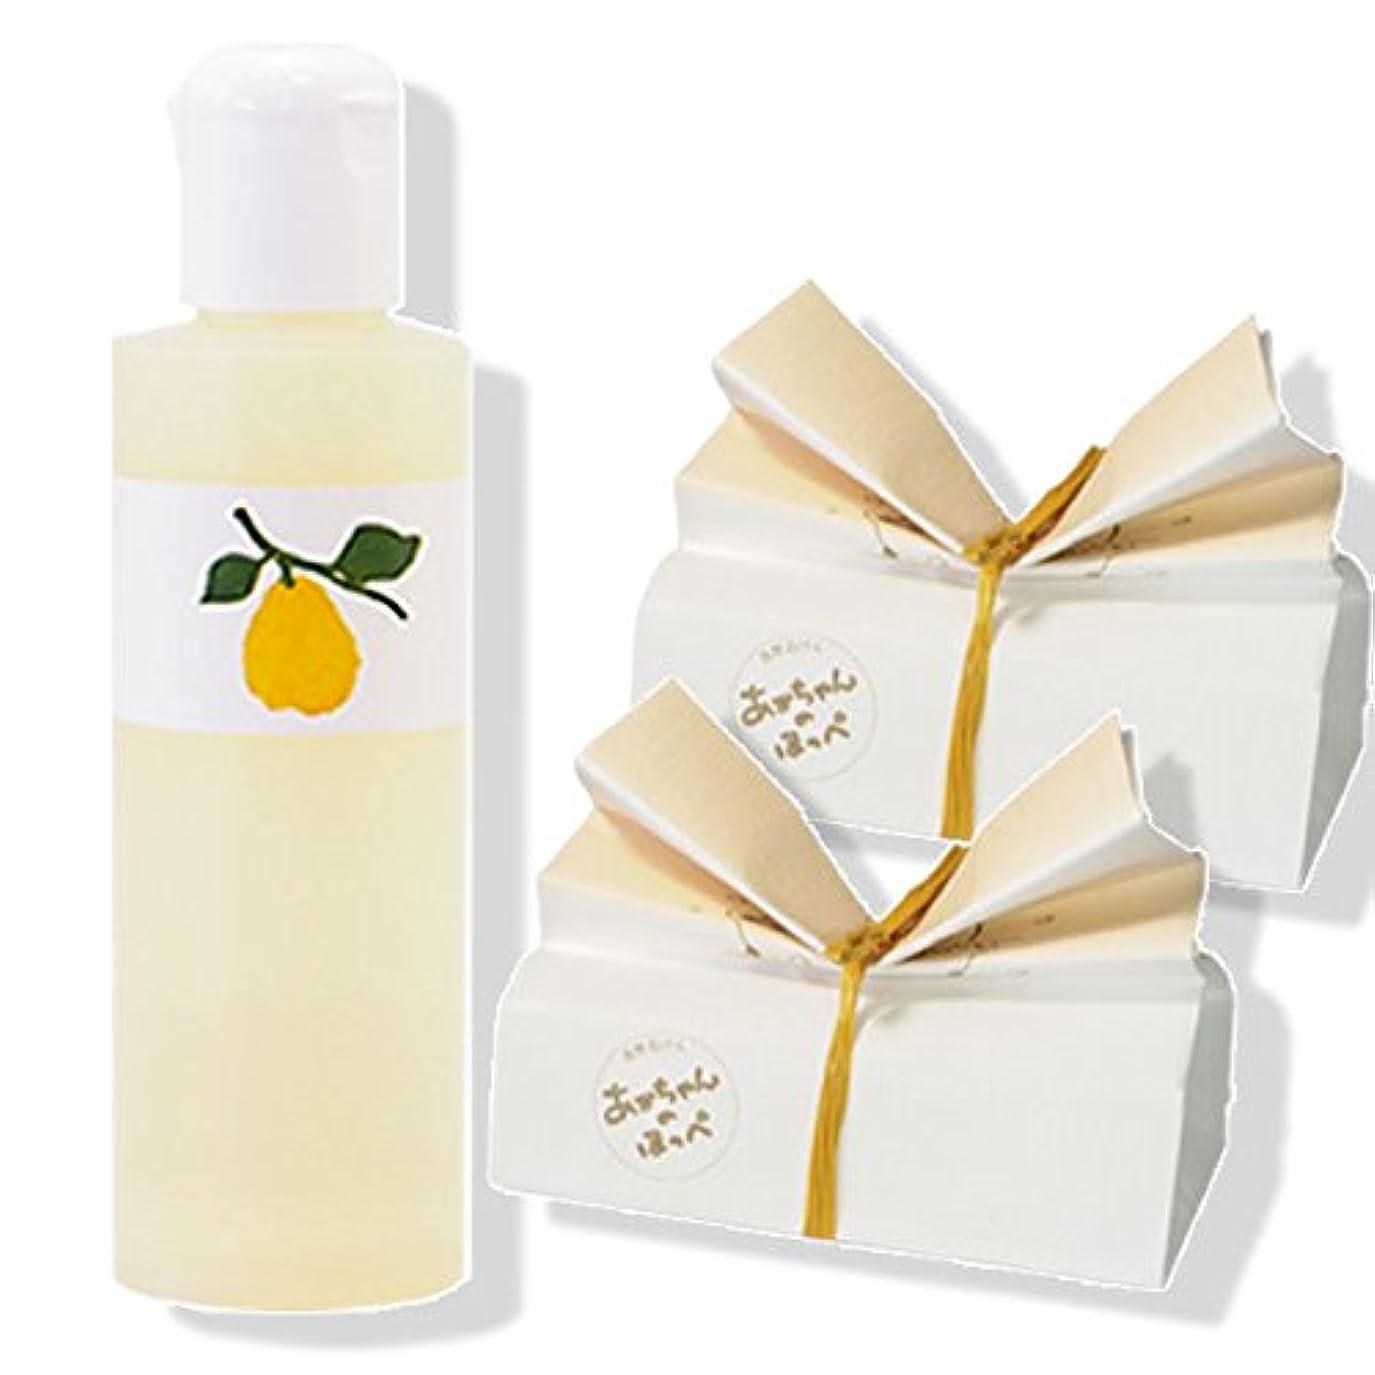 言う安西温帯「花梨の化粧水」1本 & 「あかちゃんのほっぺ」石鹸 2個セット